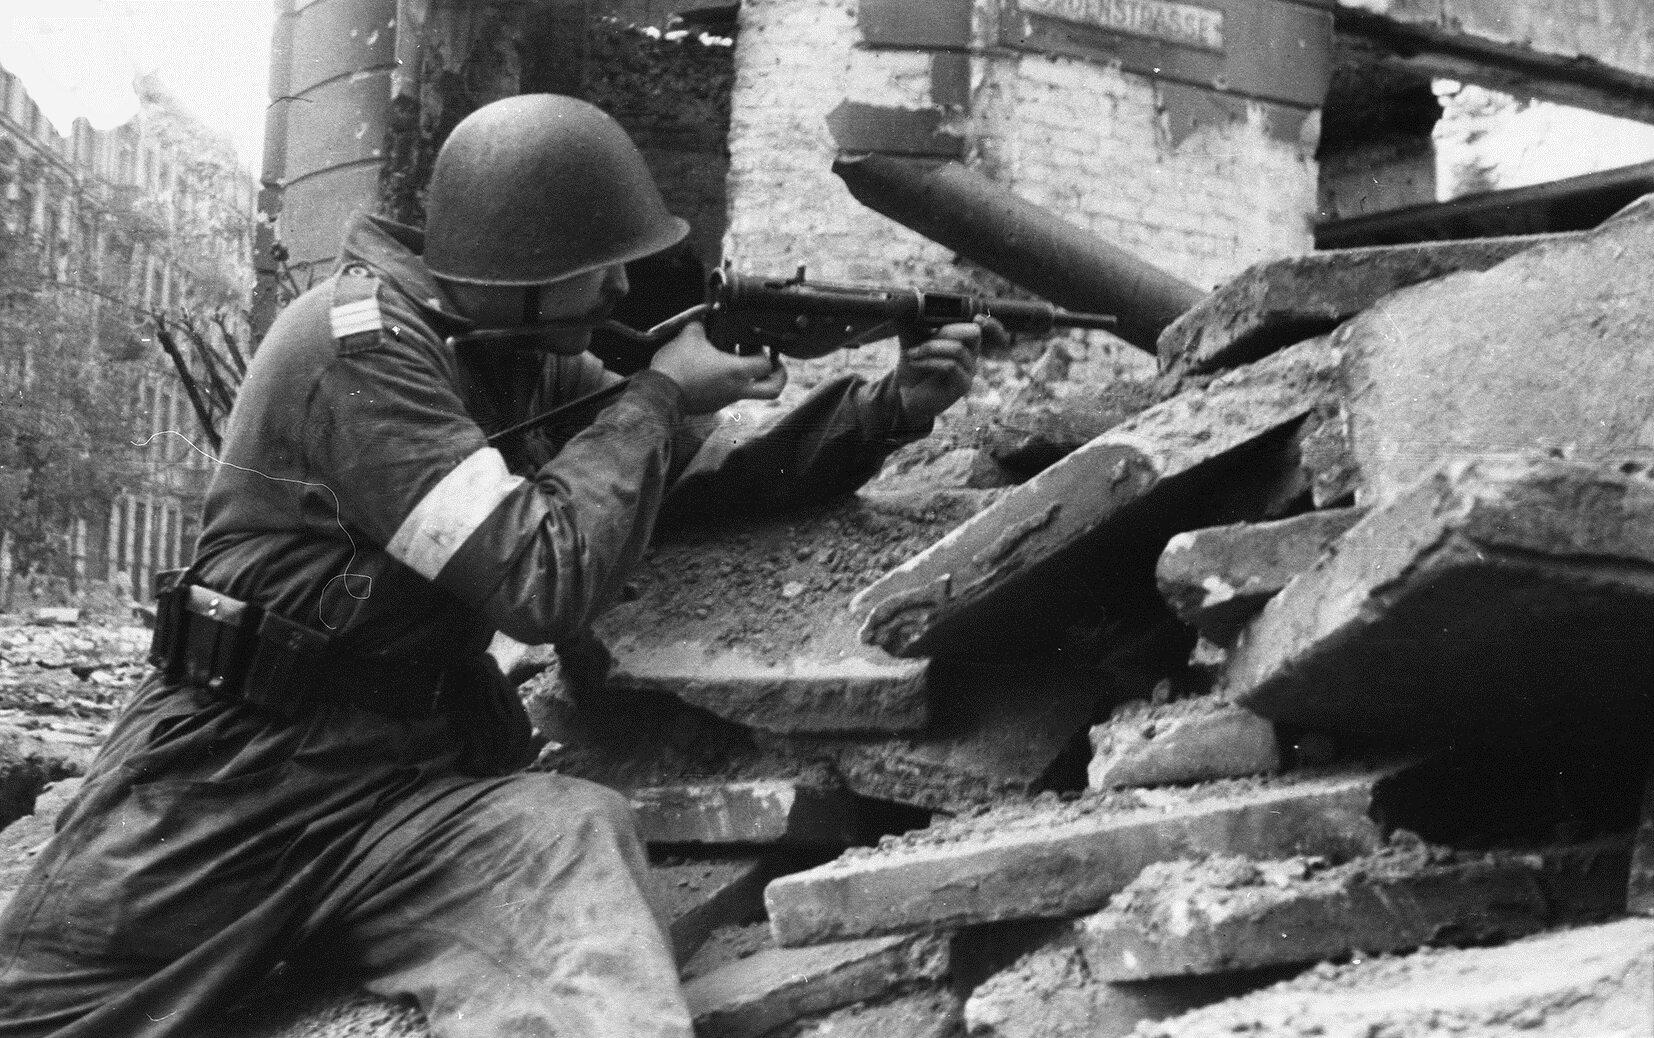 Jaki procent powstańców był 1 sierpnia wyposażony w broń palną?